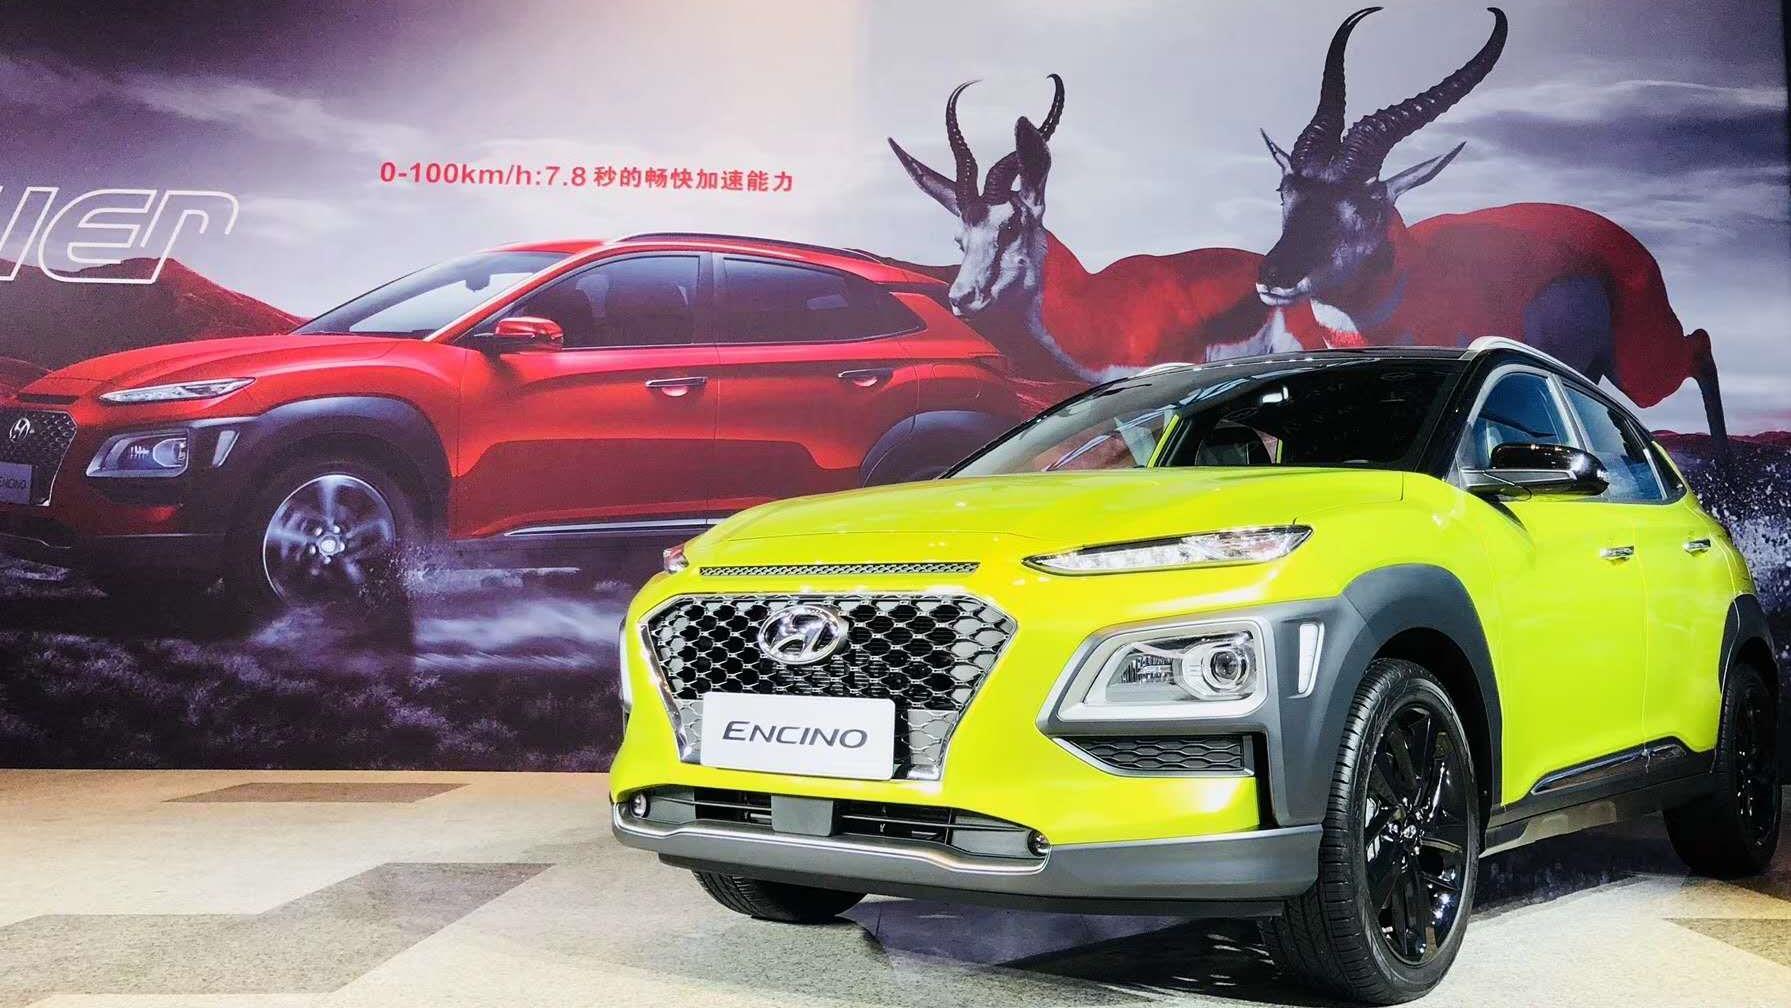 北京现代ENCINO开启SUV的新发现